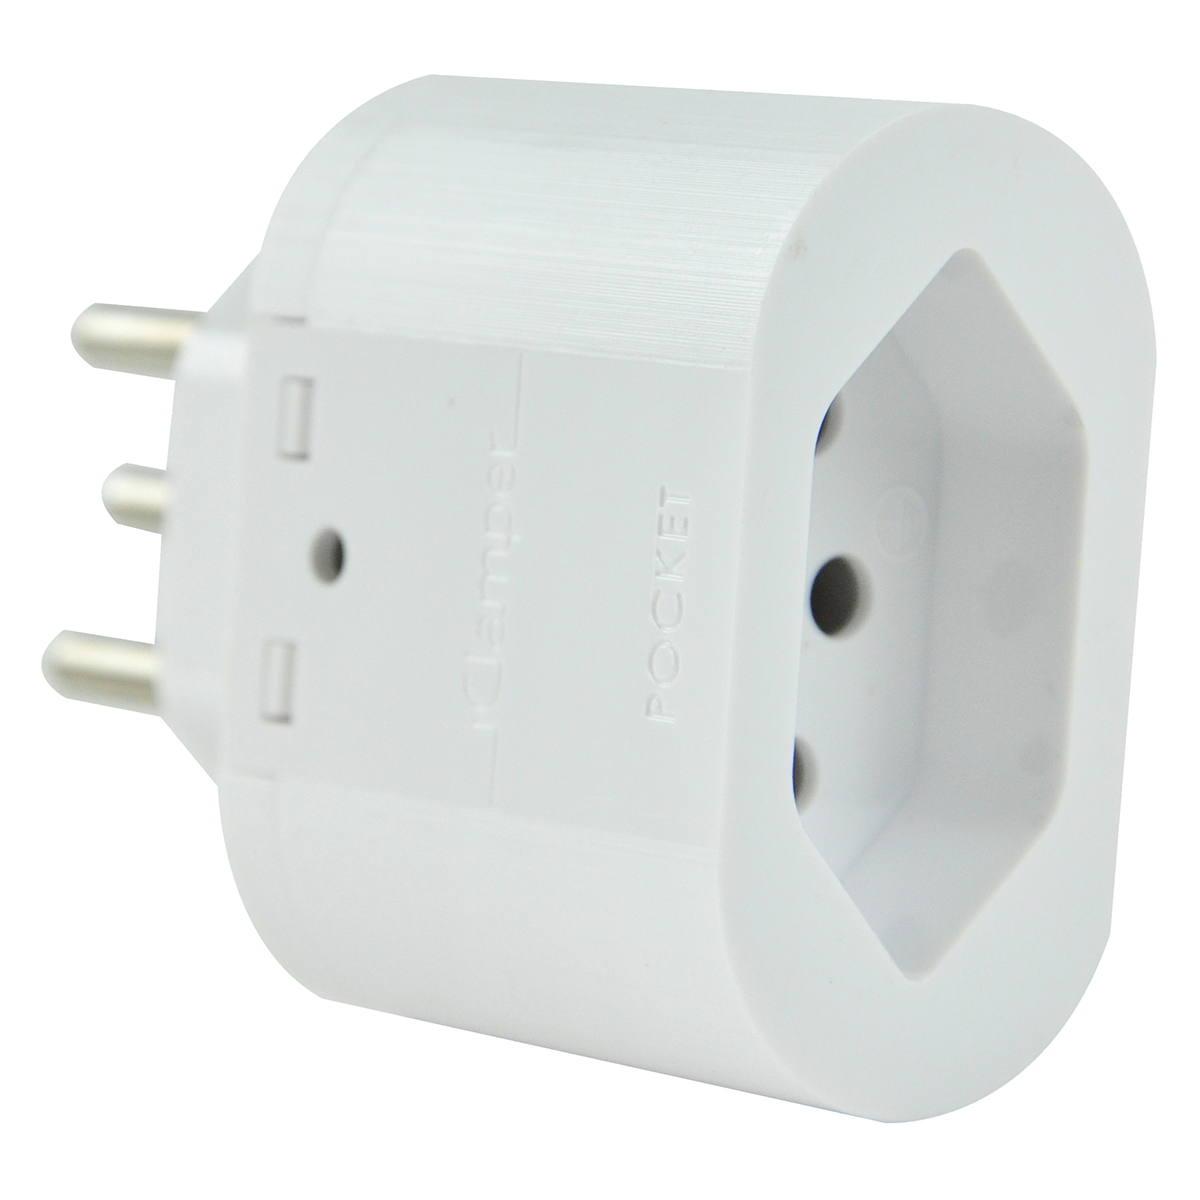 iClamper Pocket 3P 10A Proteção contra Surtos Elétricos para Eletroeletrônicos DPS Clamper Portátil 3 Pinos Branco